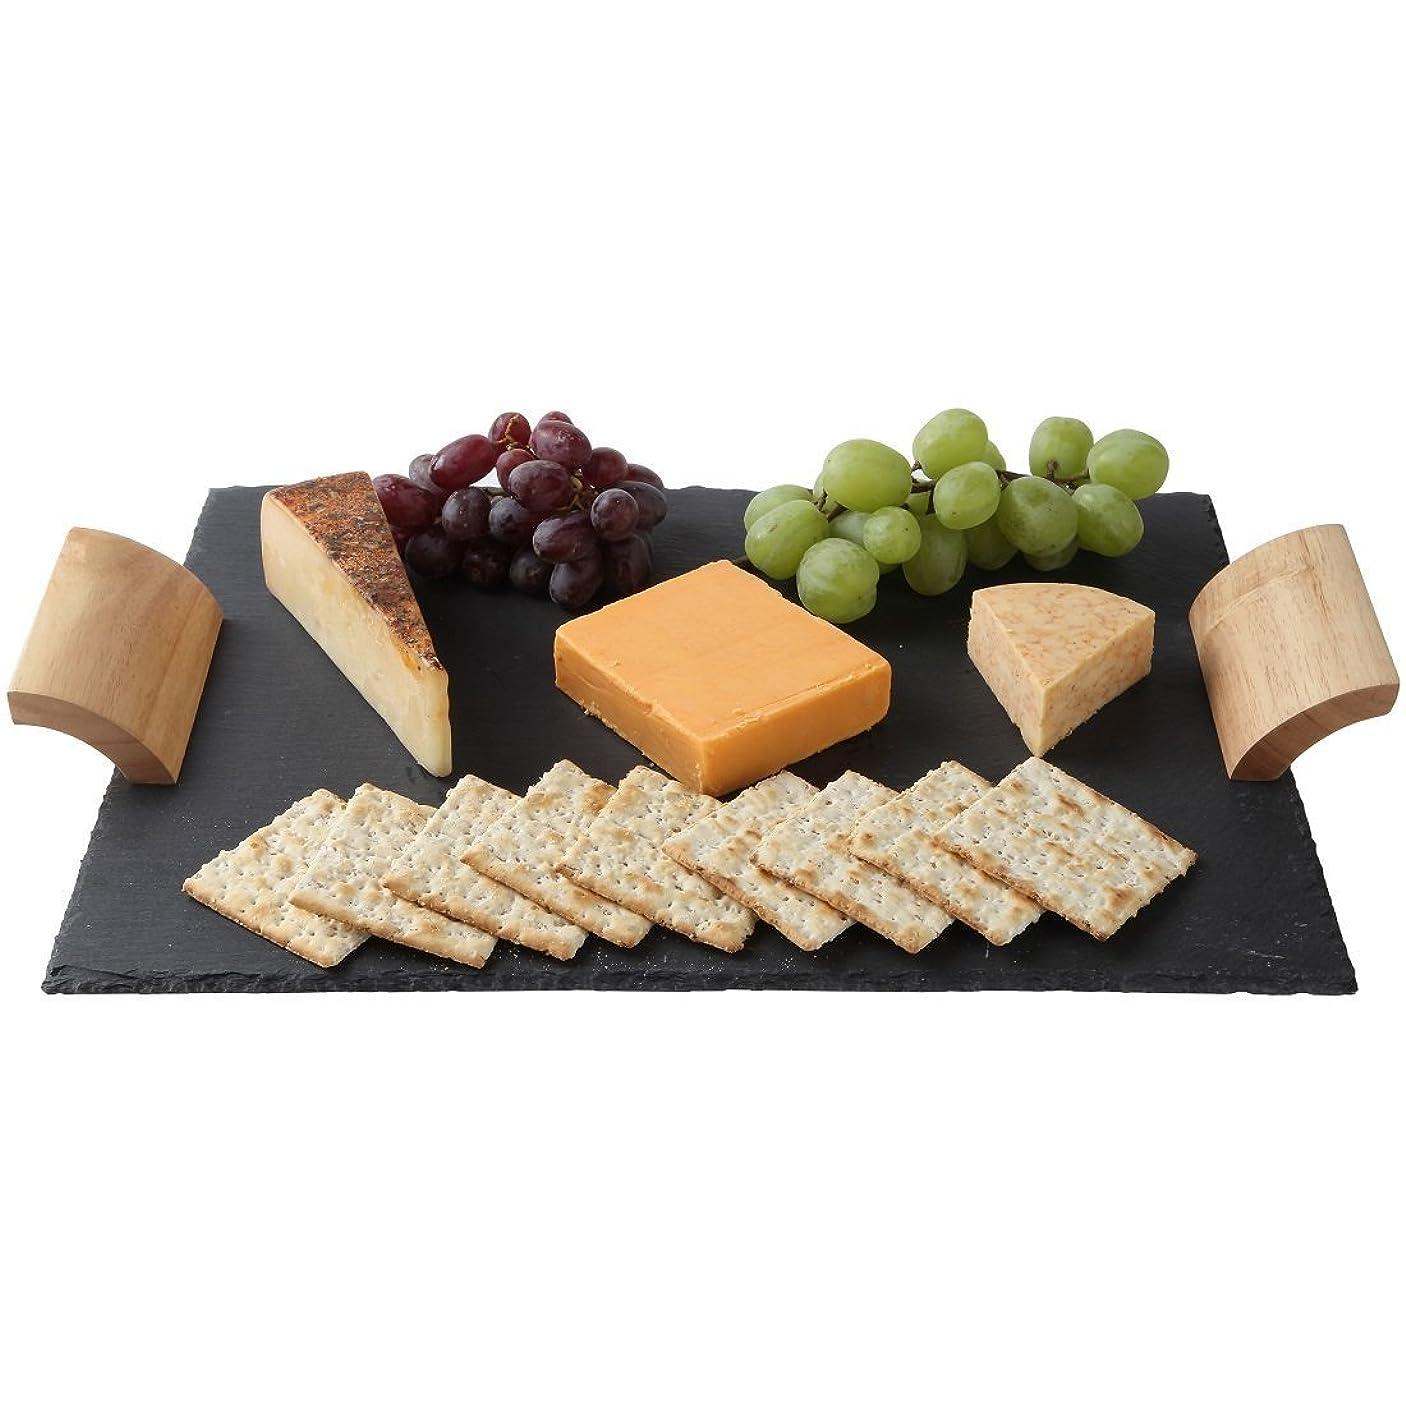 シミュレートする電話に出る進むLilyのホーム素朴なスレートチーズボードwith木製ハンドルとチョーク、チーズトレイ、16?x 12インチ。